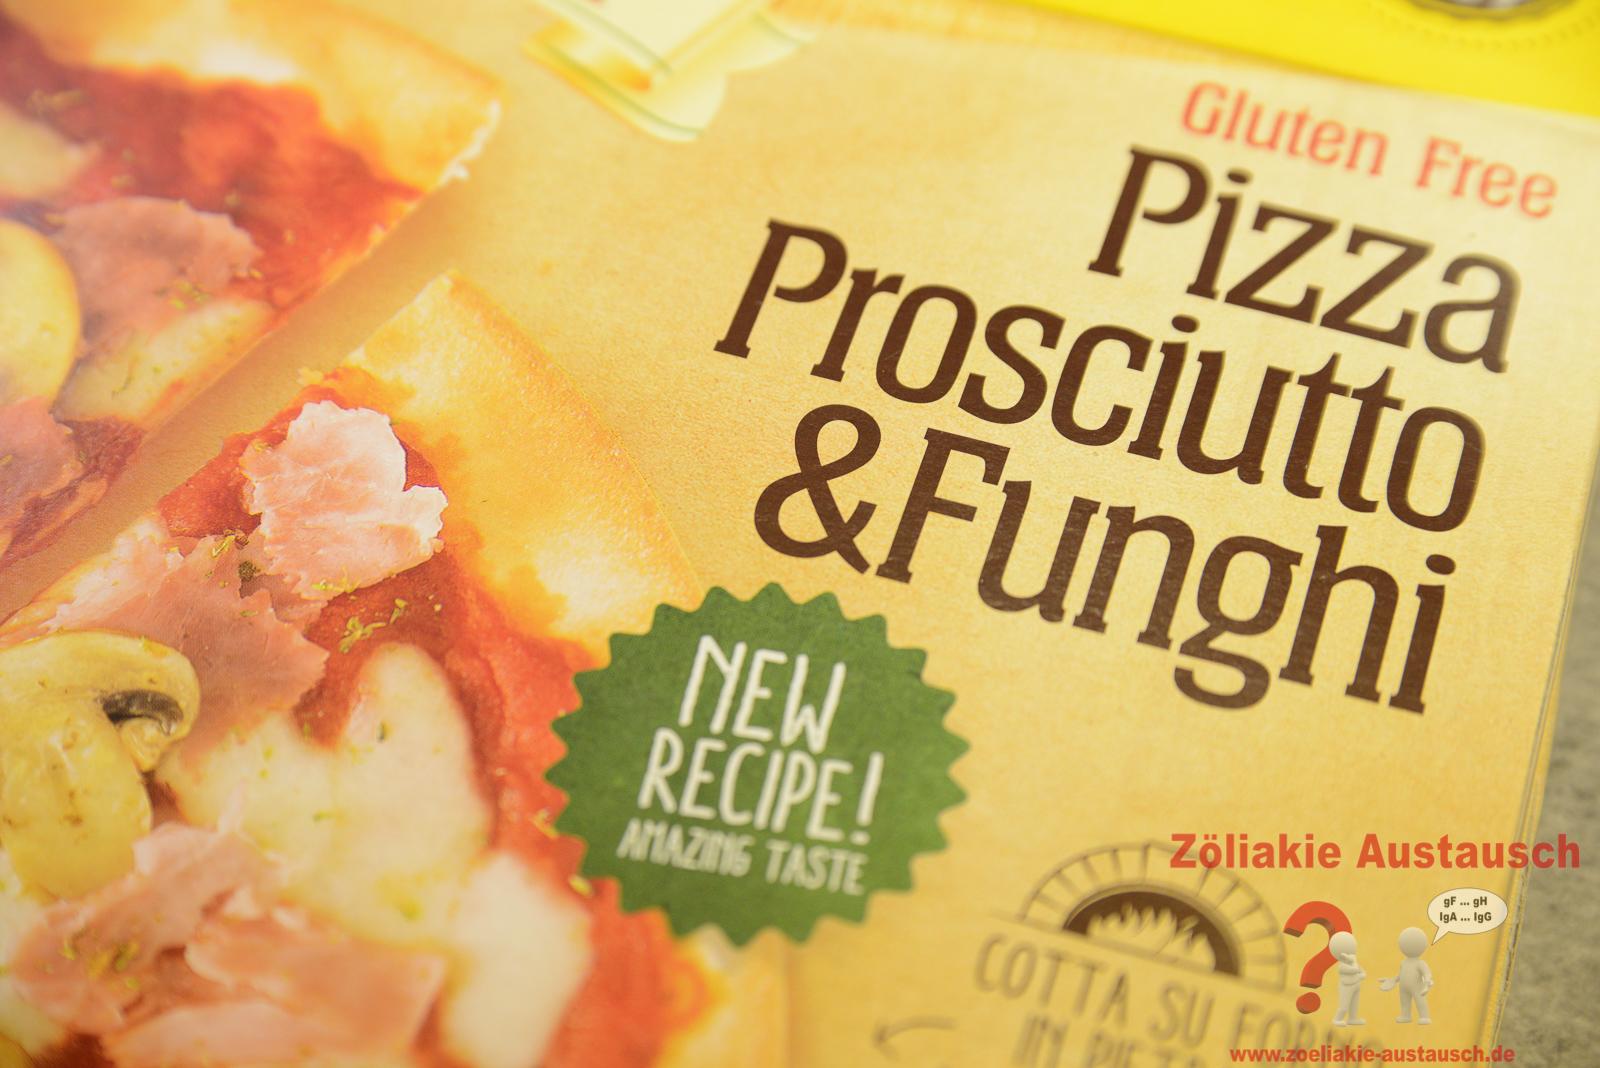 Schaer_Pizza-Zoeliakie_Austausch_006